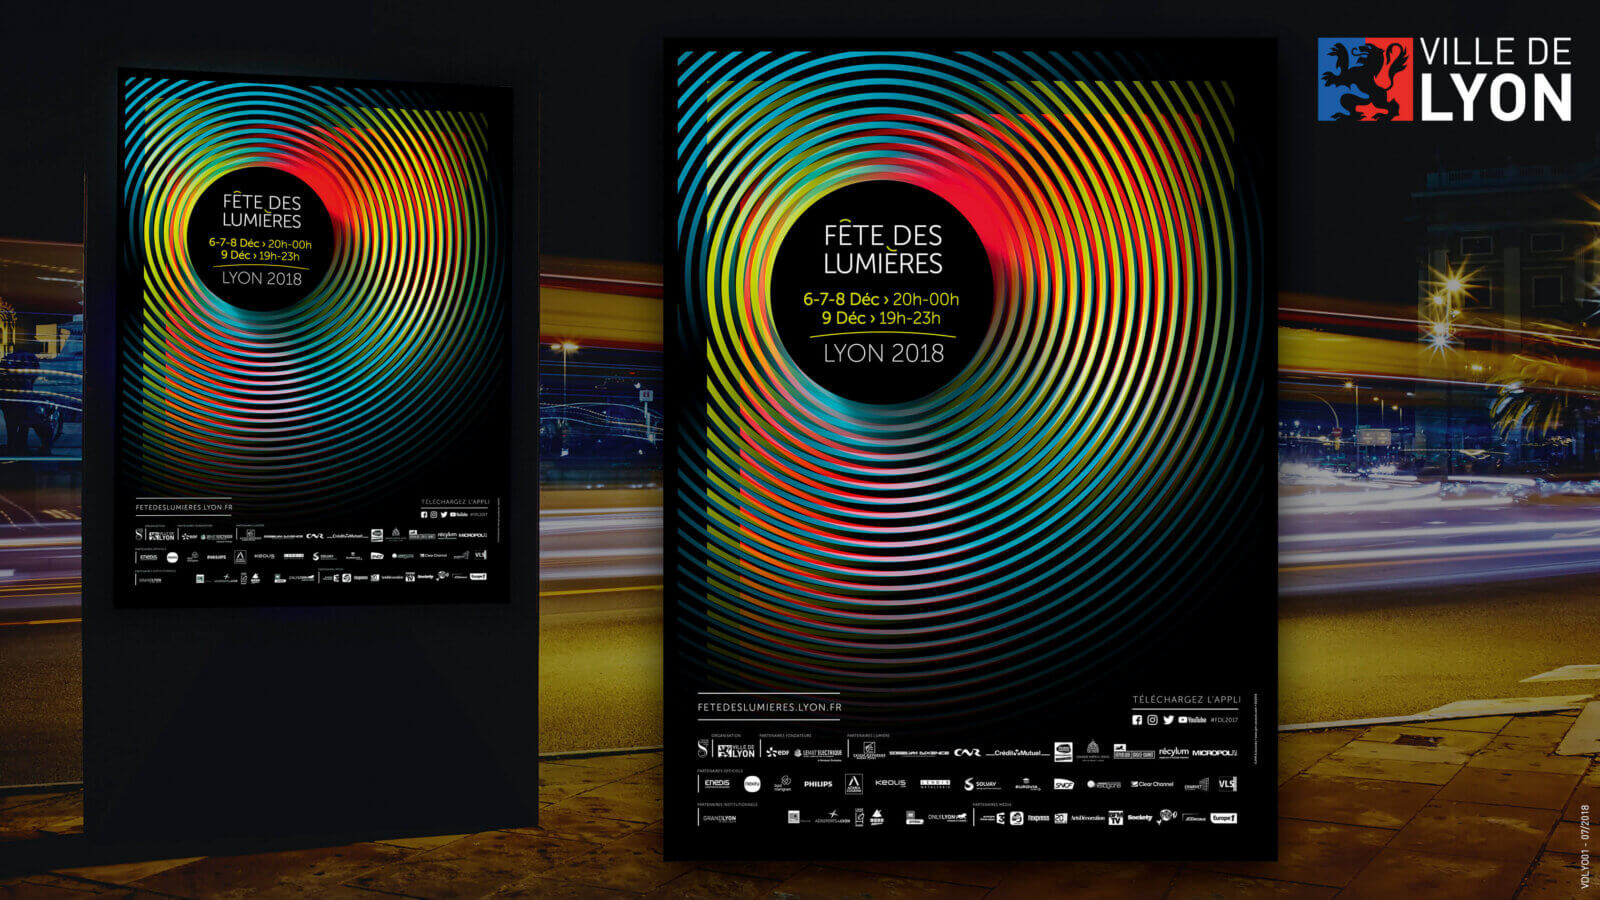 affiche promotion fête des lumières de lyon